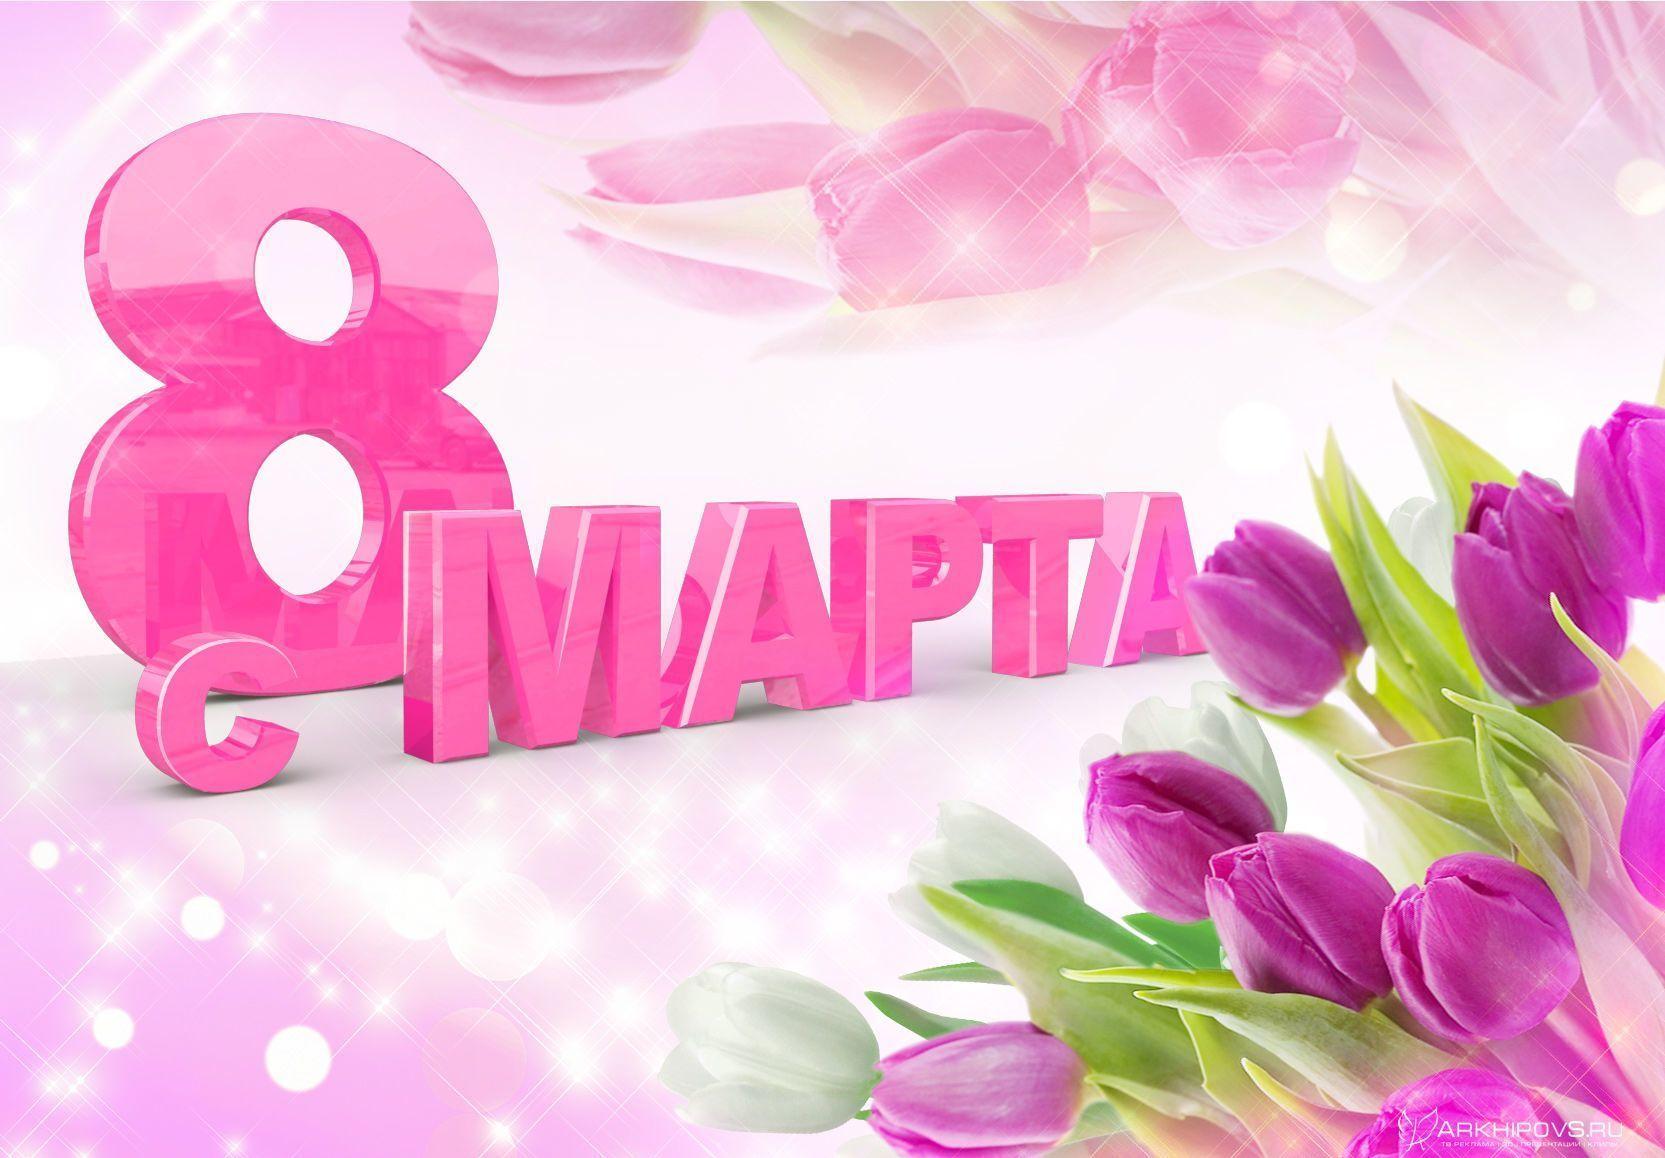 8 марта поздравления женщин и девушек коллег с праздником 8 марта международный женский день праздник